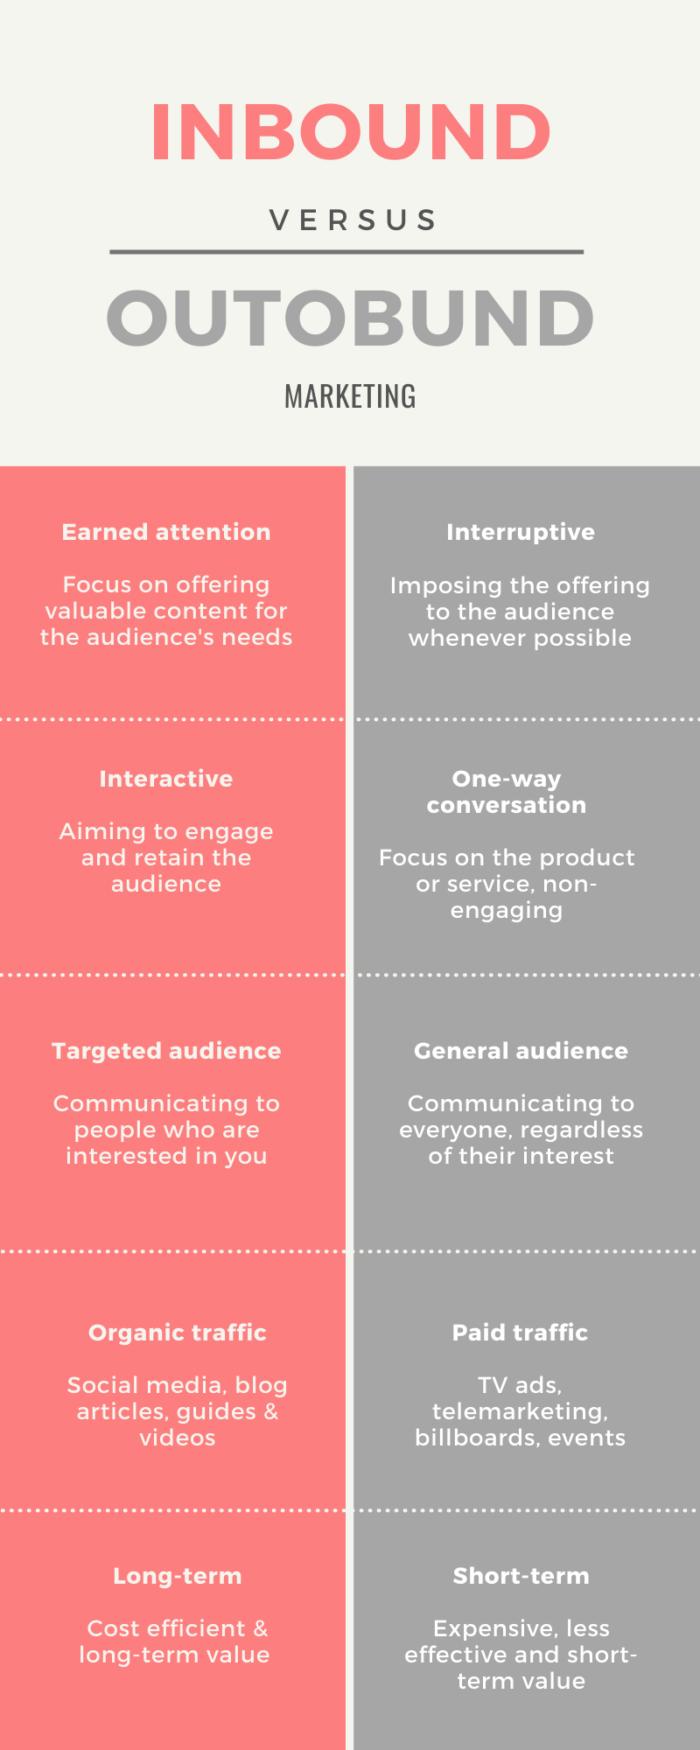 Inbound marketing vs outbound marketing infographic